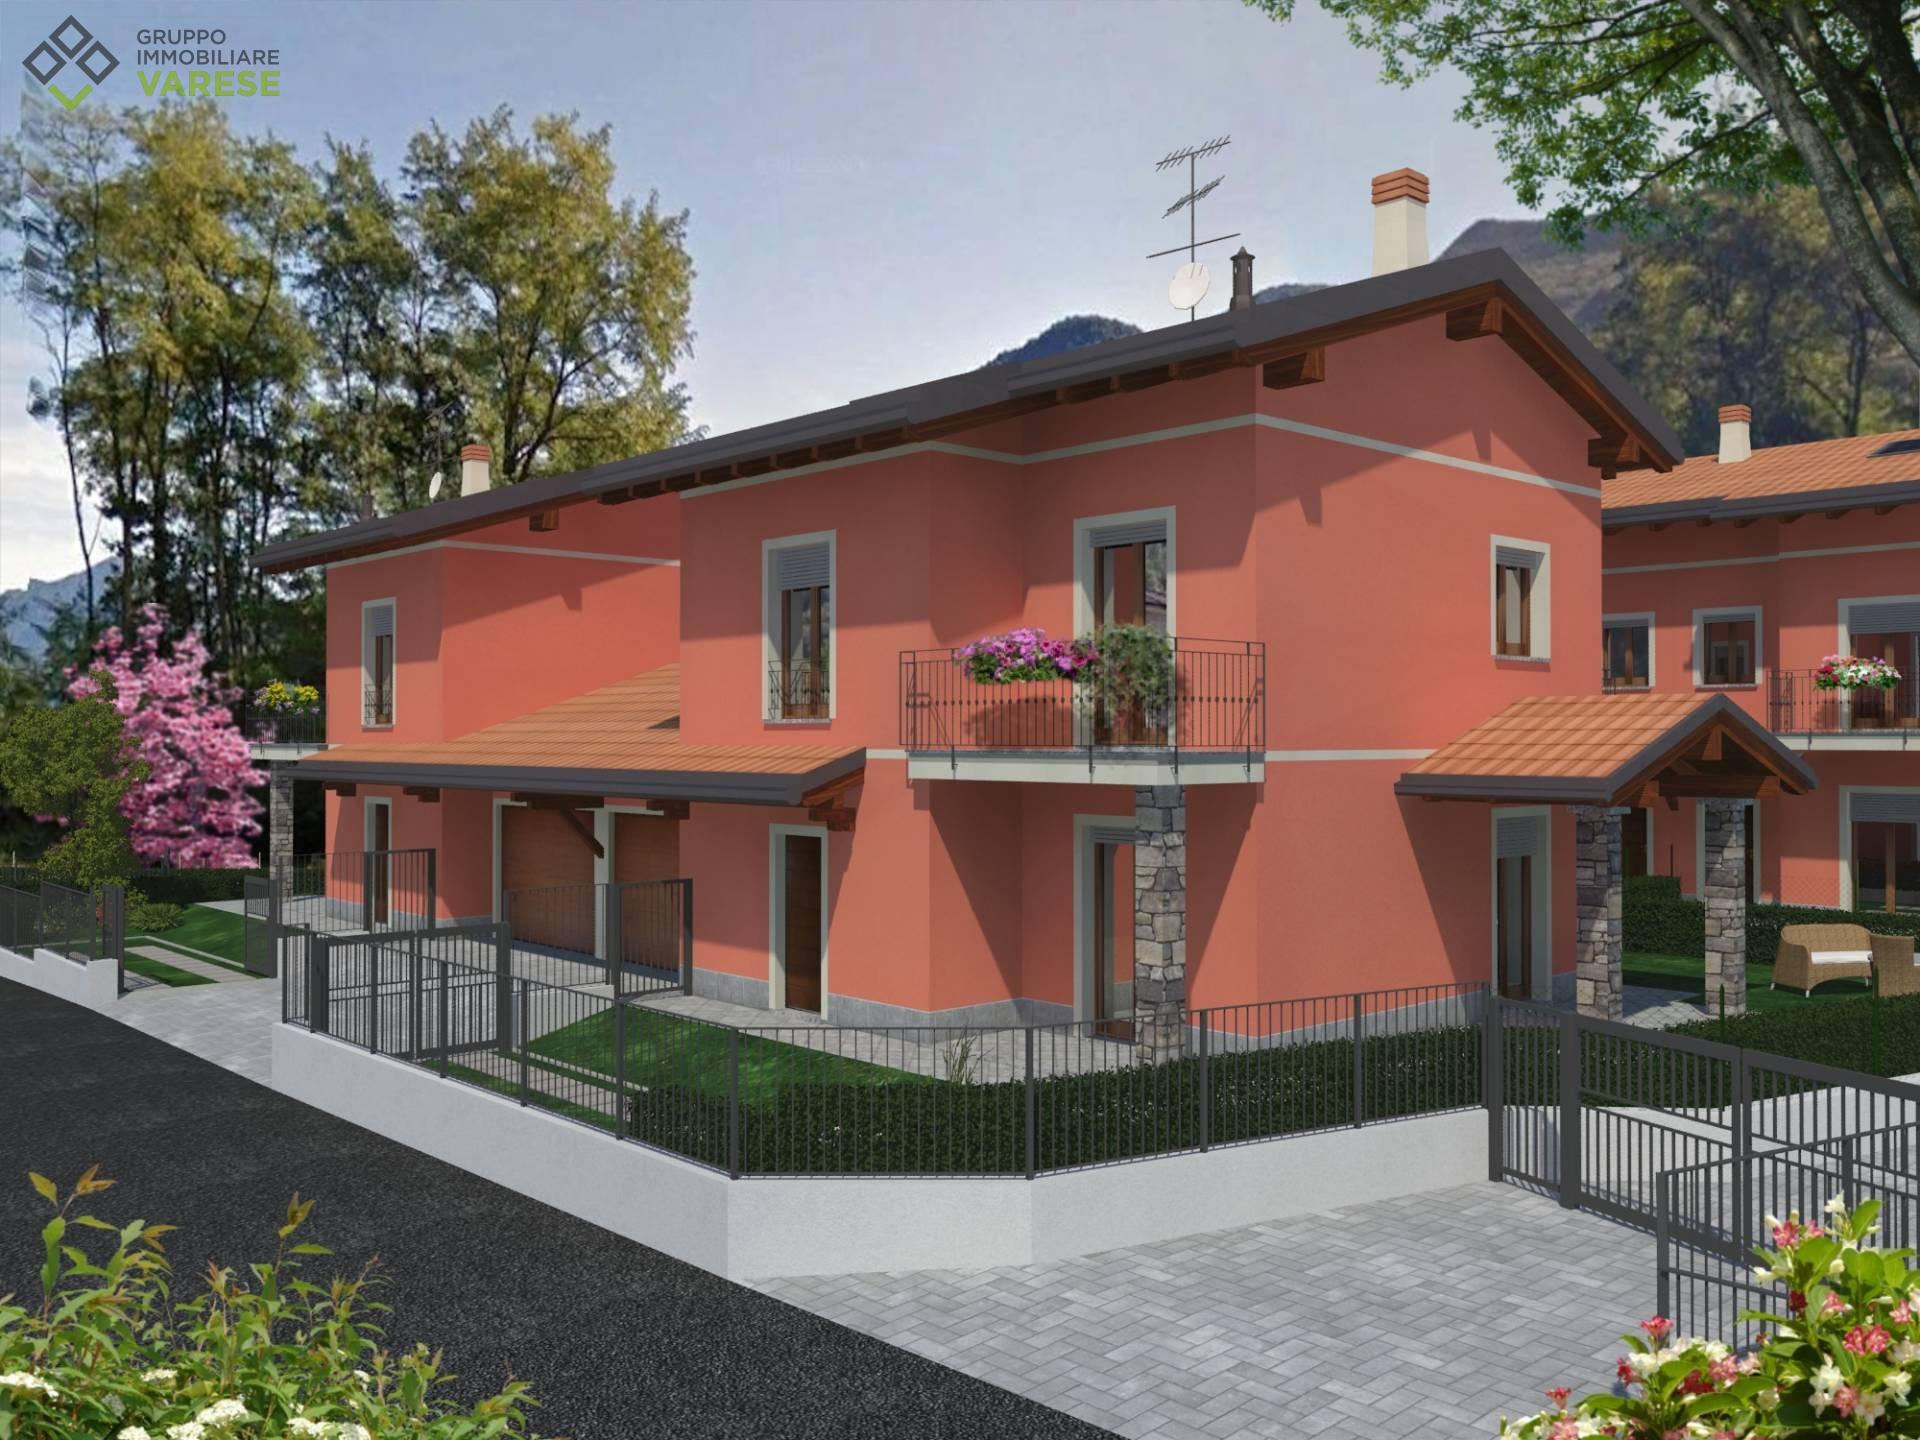 Villa in vendita a Porto Ceresio, 4 locali, prezzo € 325.000 | CambioCasa.it